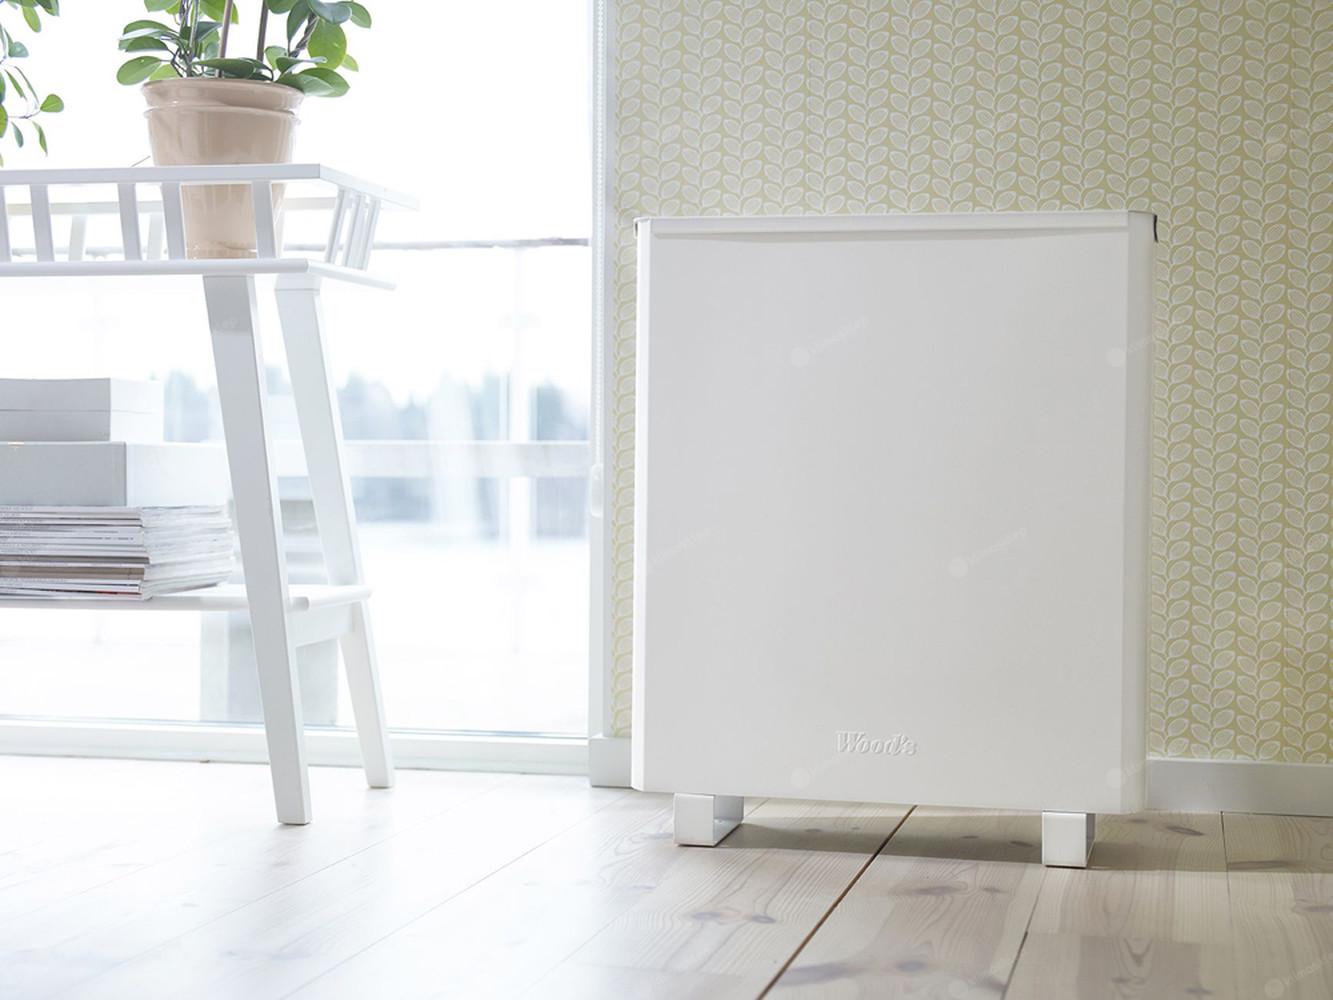 Oczyszczacz powietrza Wood's AL 310FC - przykład zastosowania